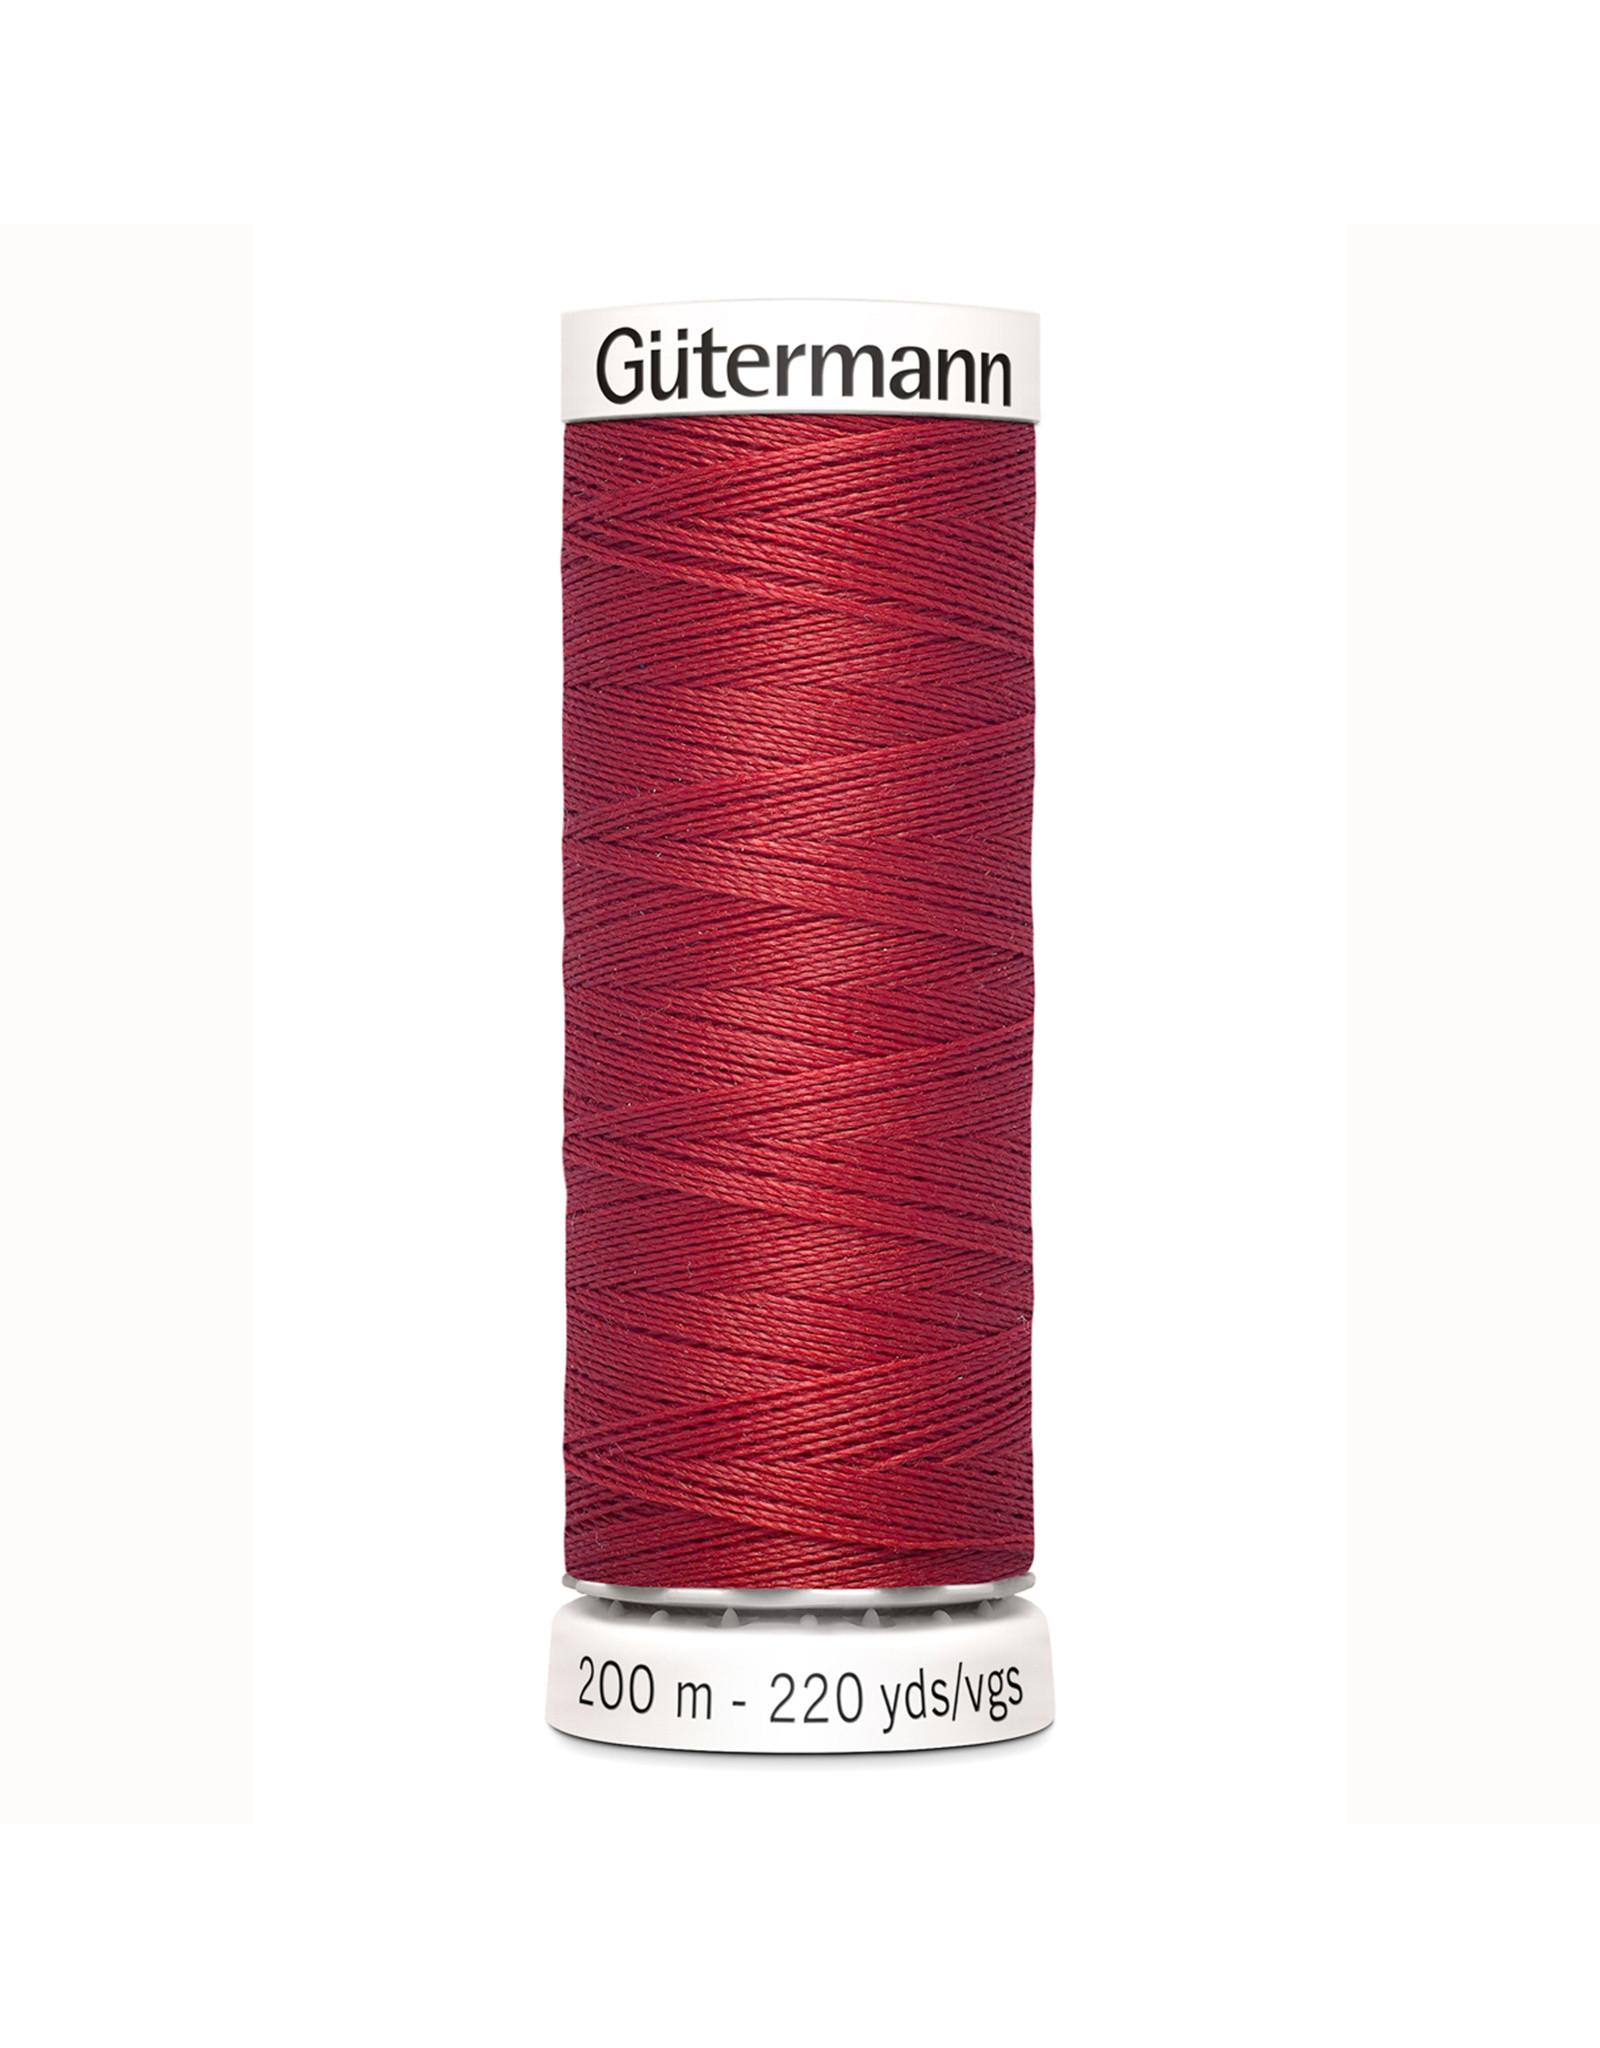 Gütermann Gütermann Nähgarn 200 m - nr 26